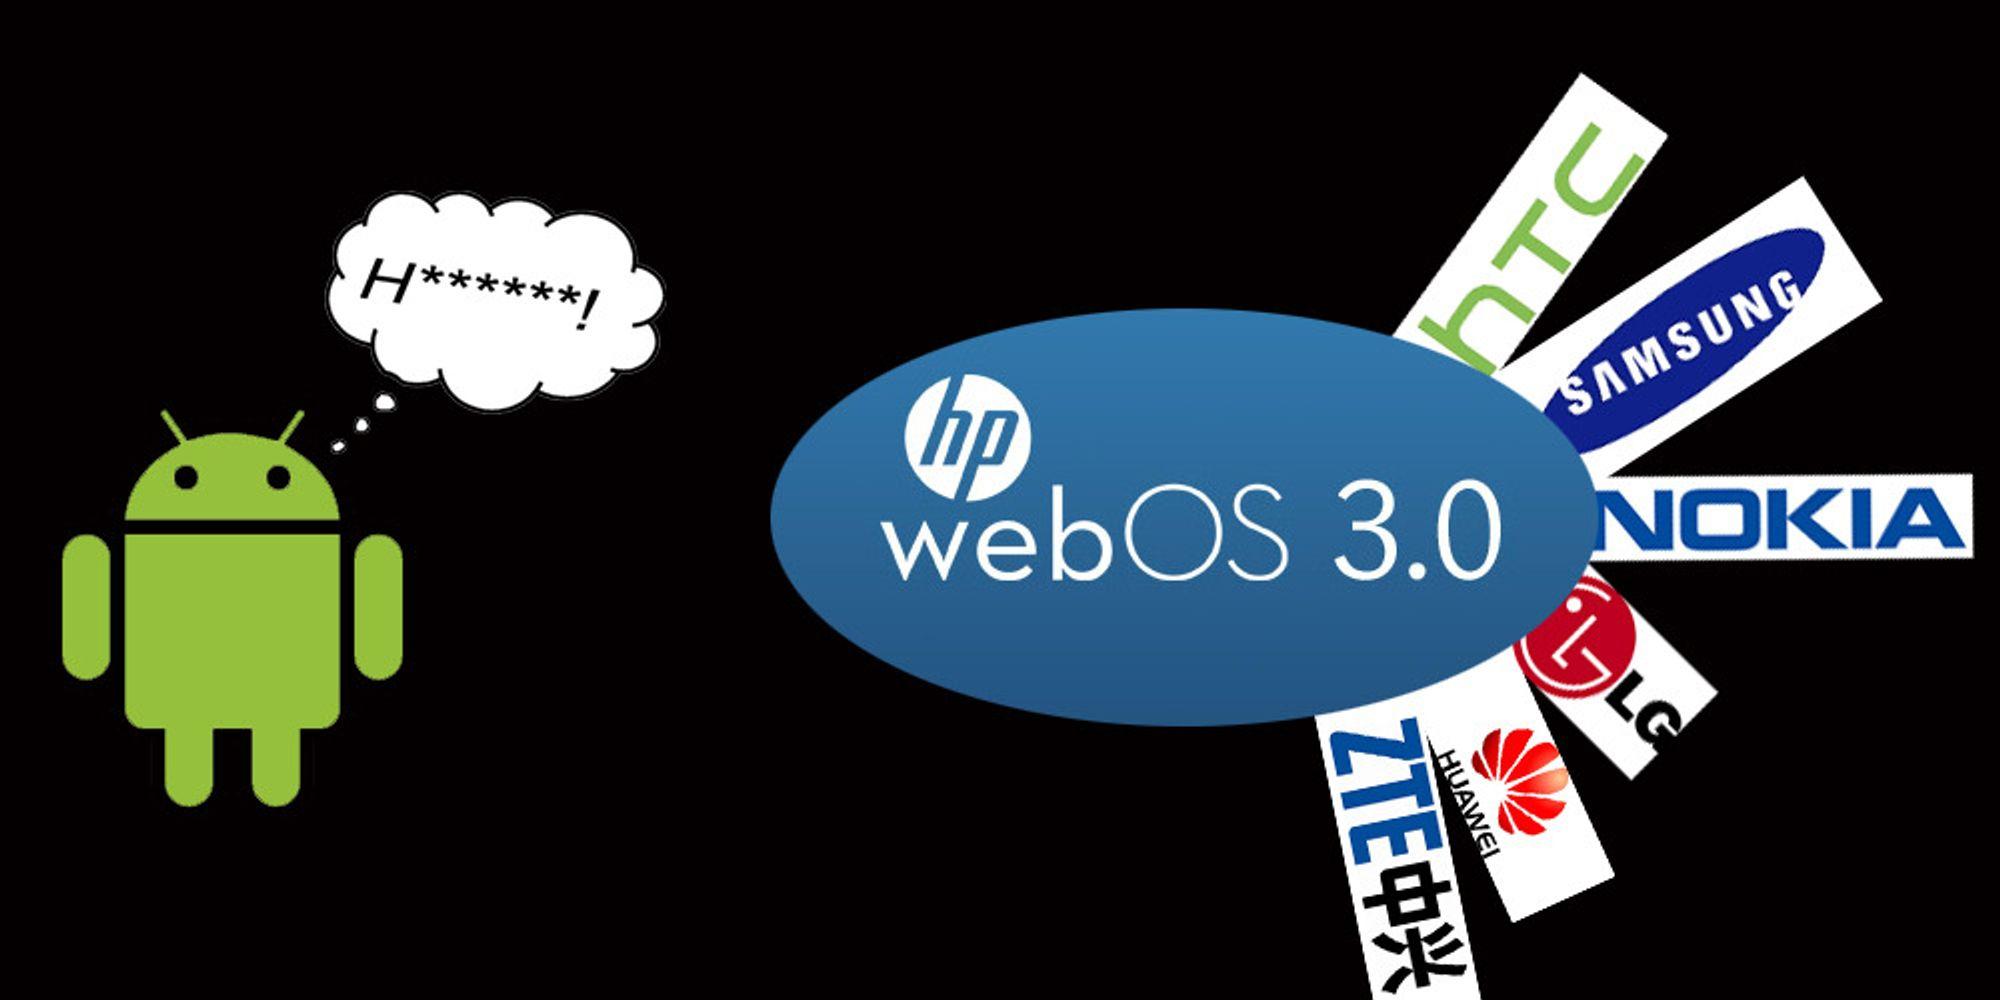 Gjetteleken: Hvem velger WebOS?